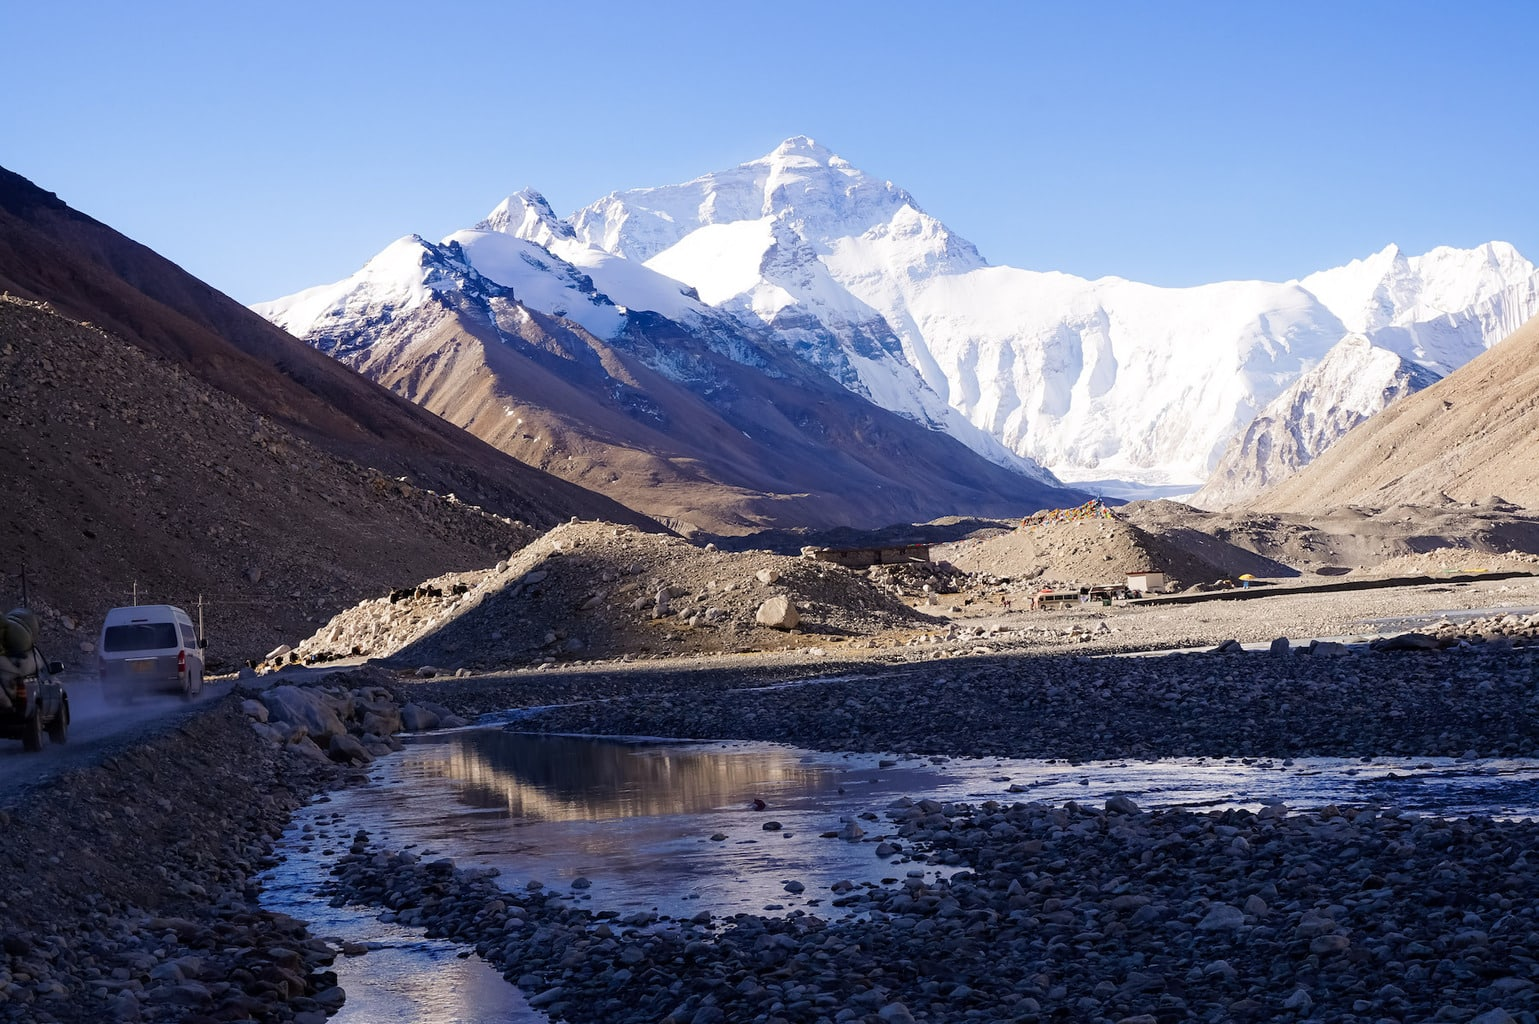 Bus up Everest base camp